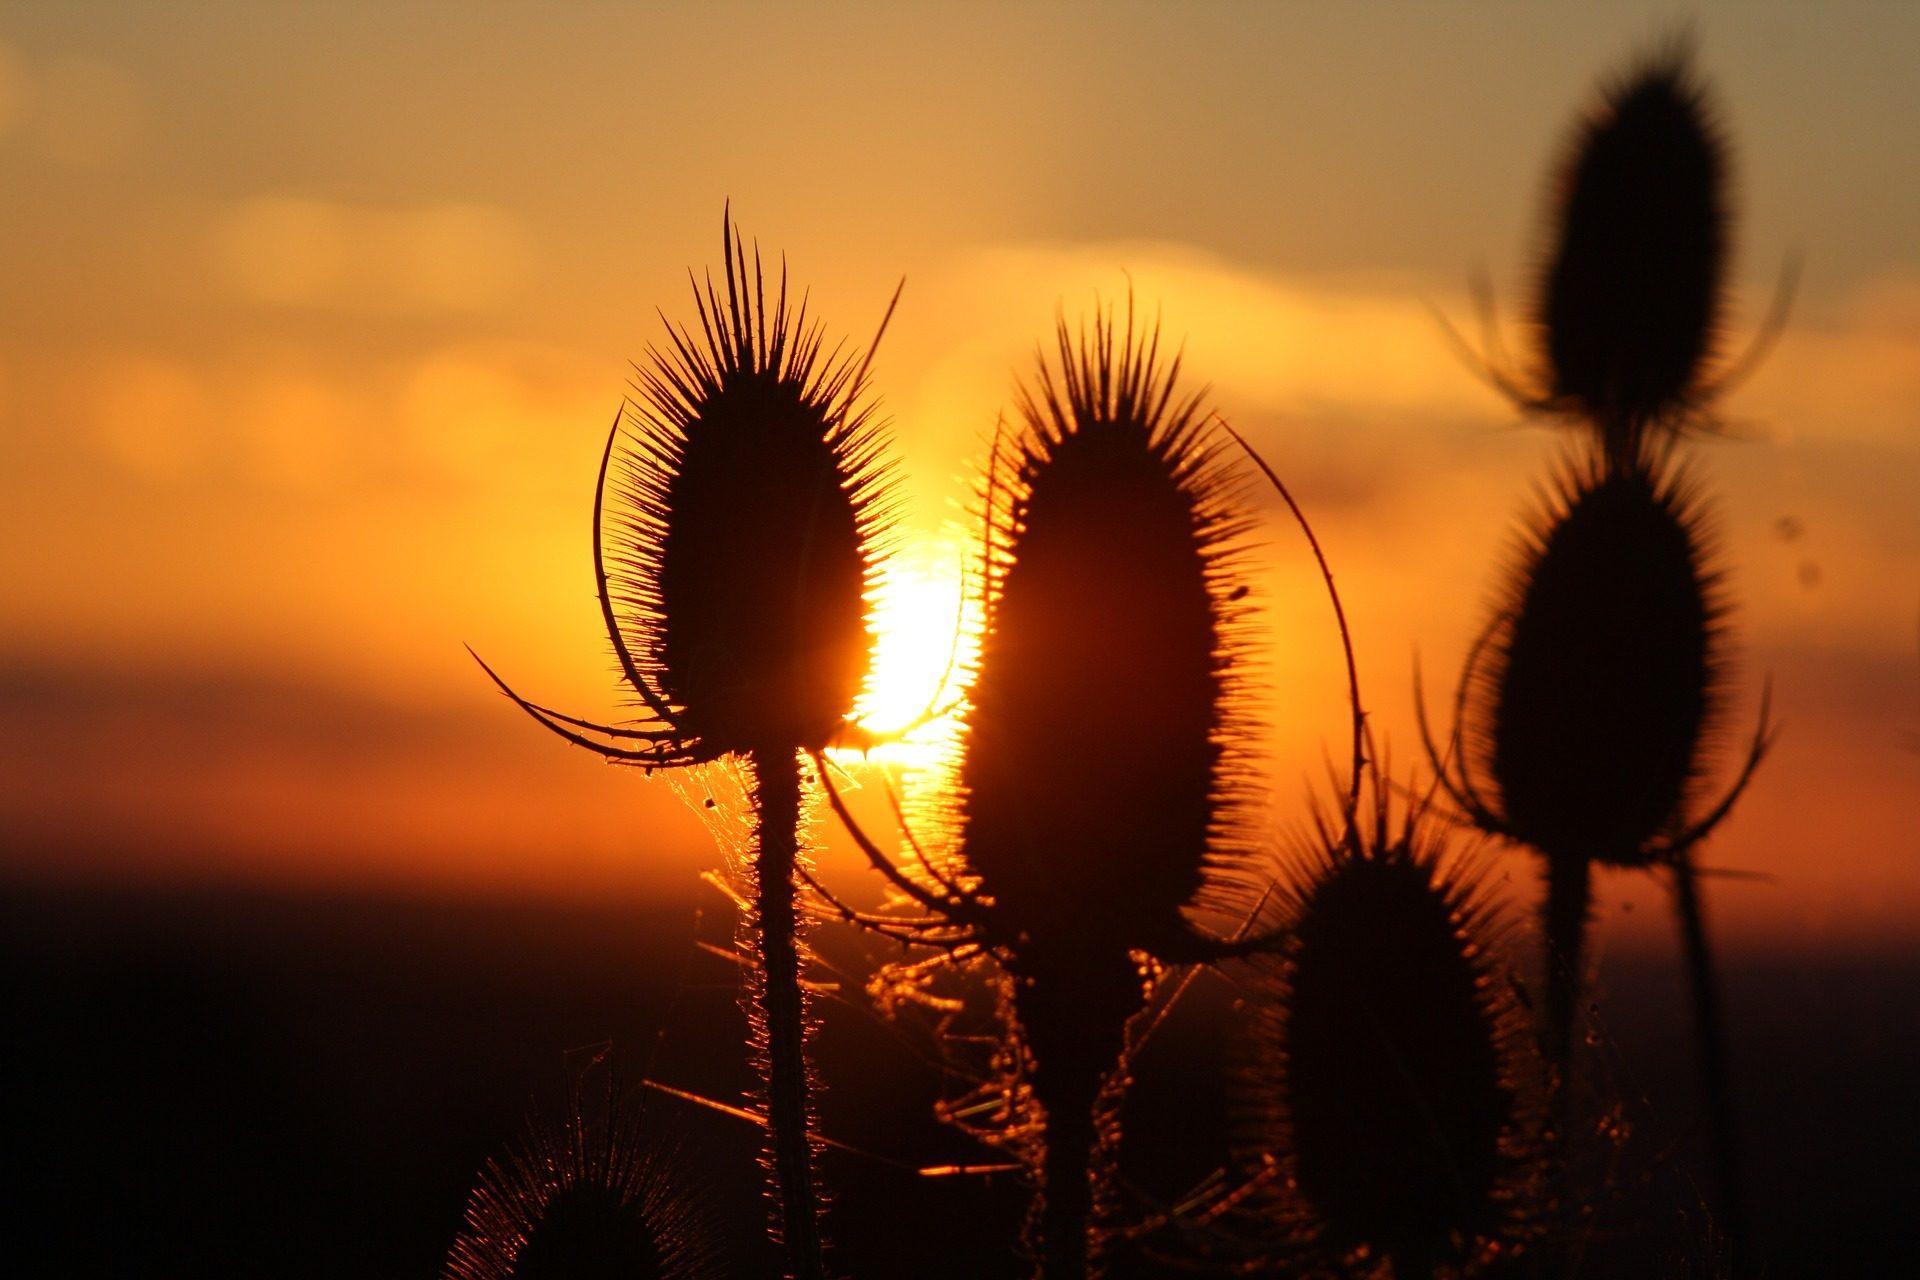 フィールド, サンセット, 太陽, 光, シスル, 植物, 影, シルエット - HD の壁紙 - 教授-falken.com